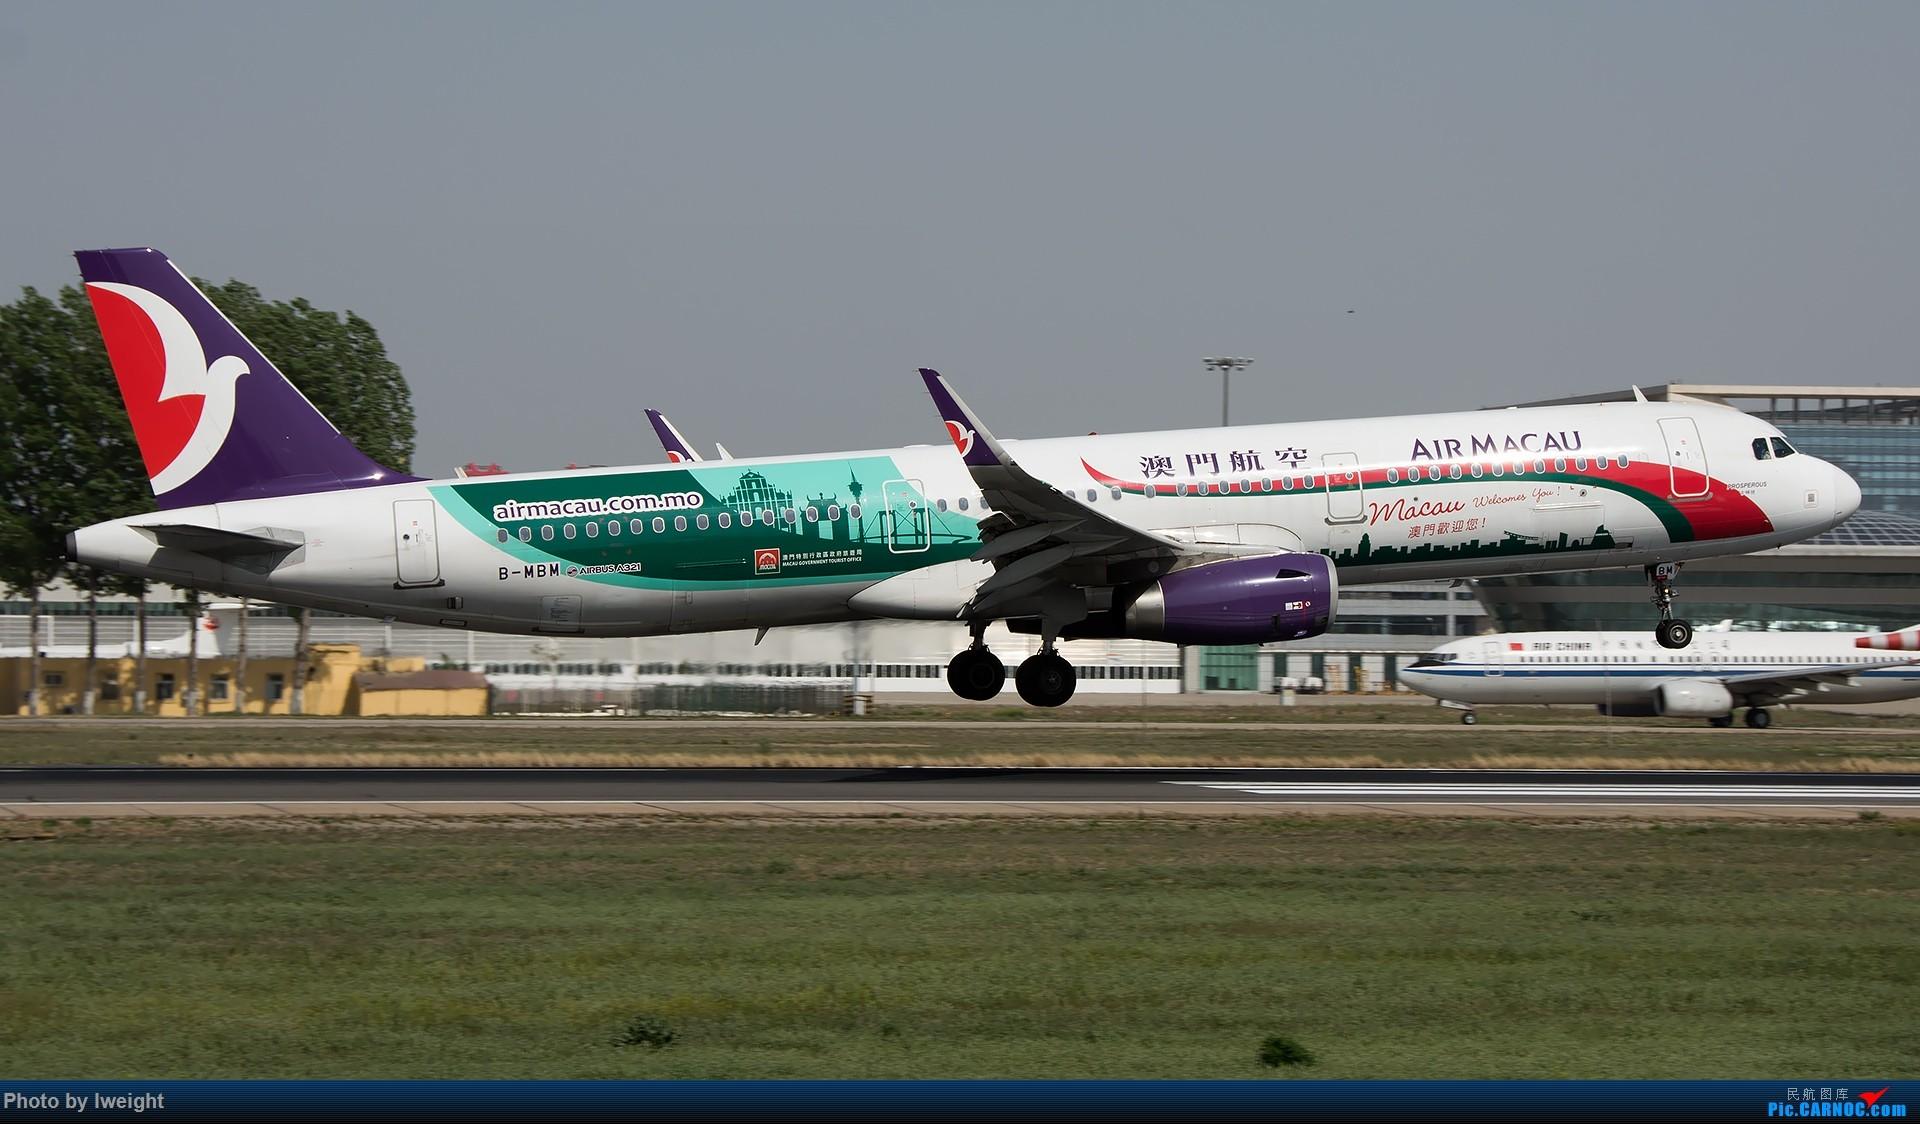 Re:[原创]天气晴朗,继续守候18R【多图】 AIRBUS A321-200 B-MBM 中国北京首都国际机场